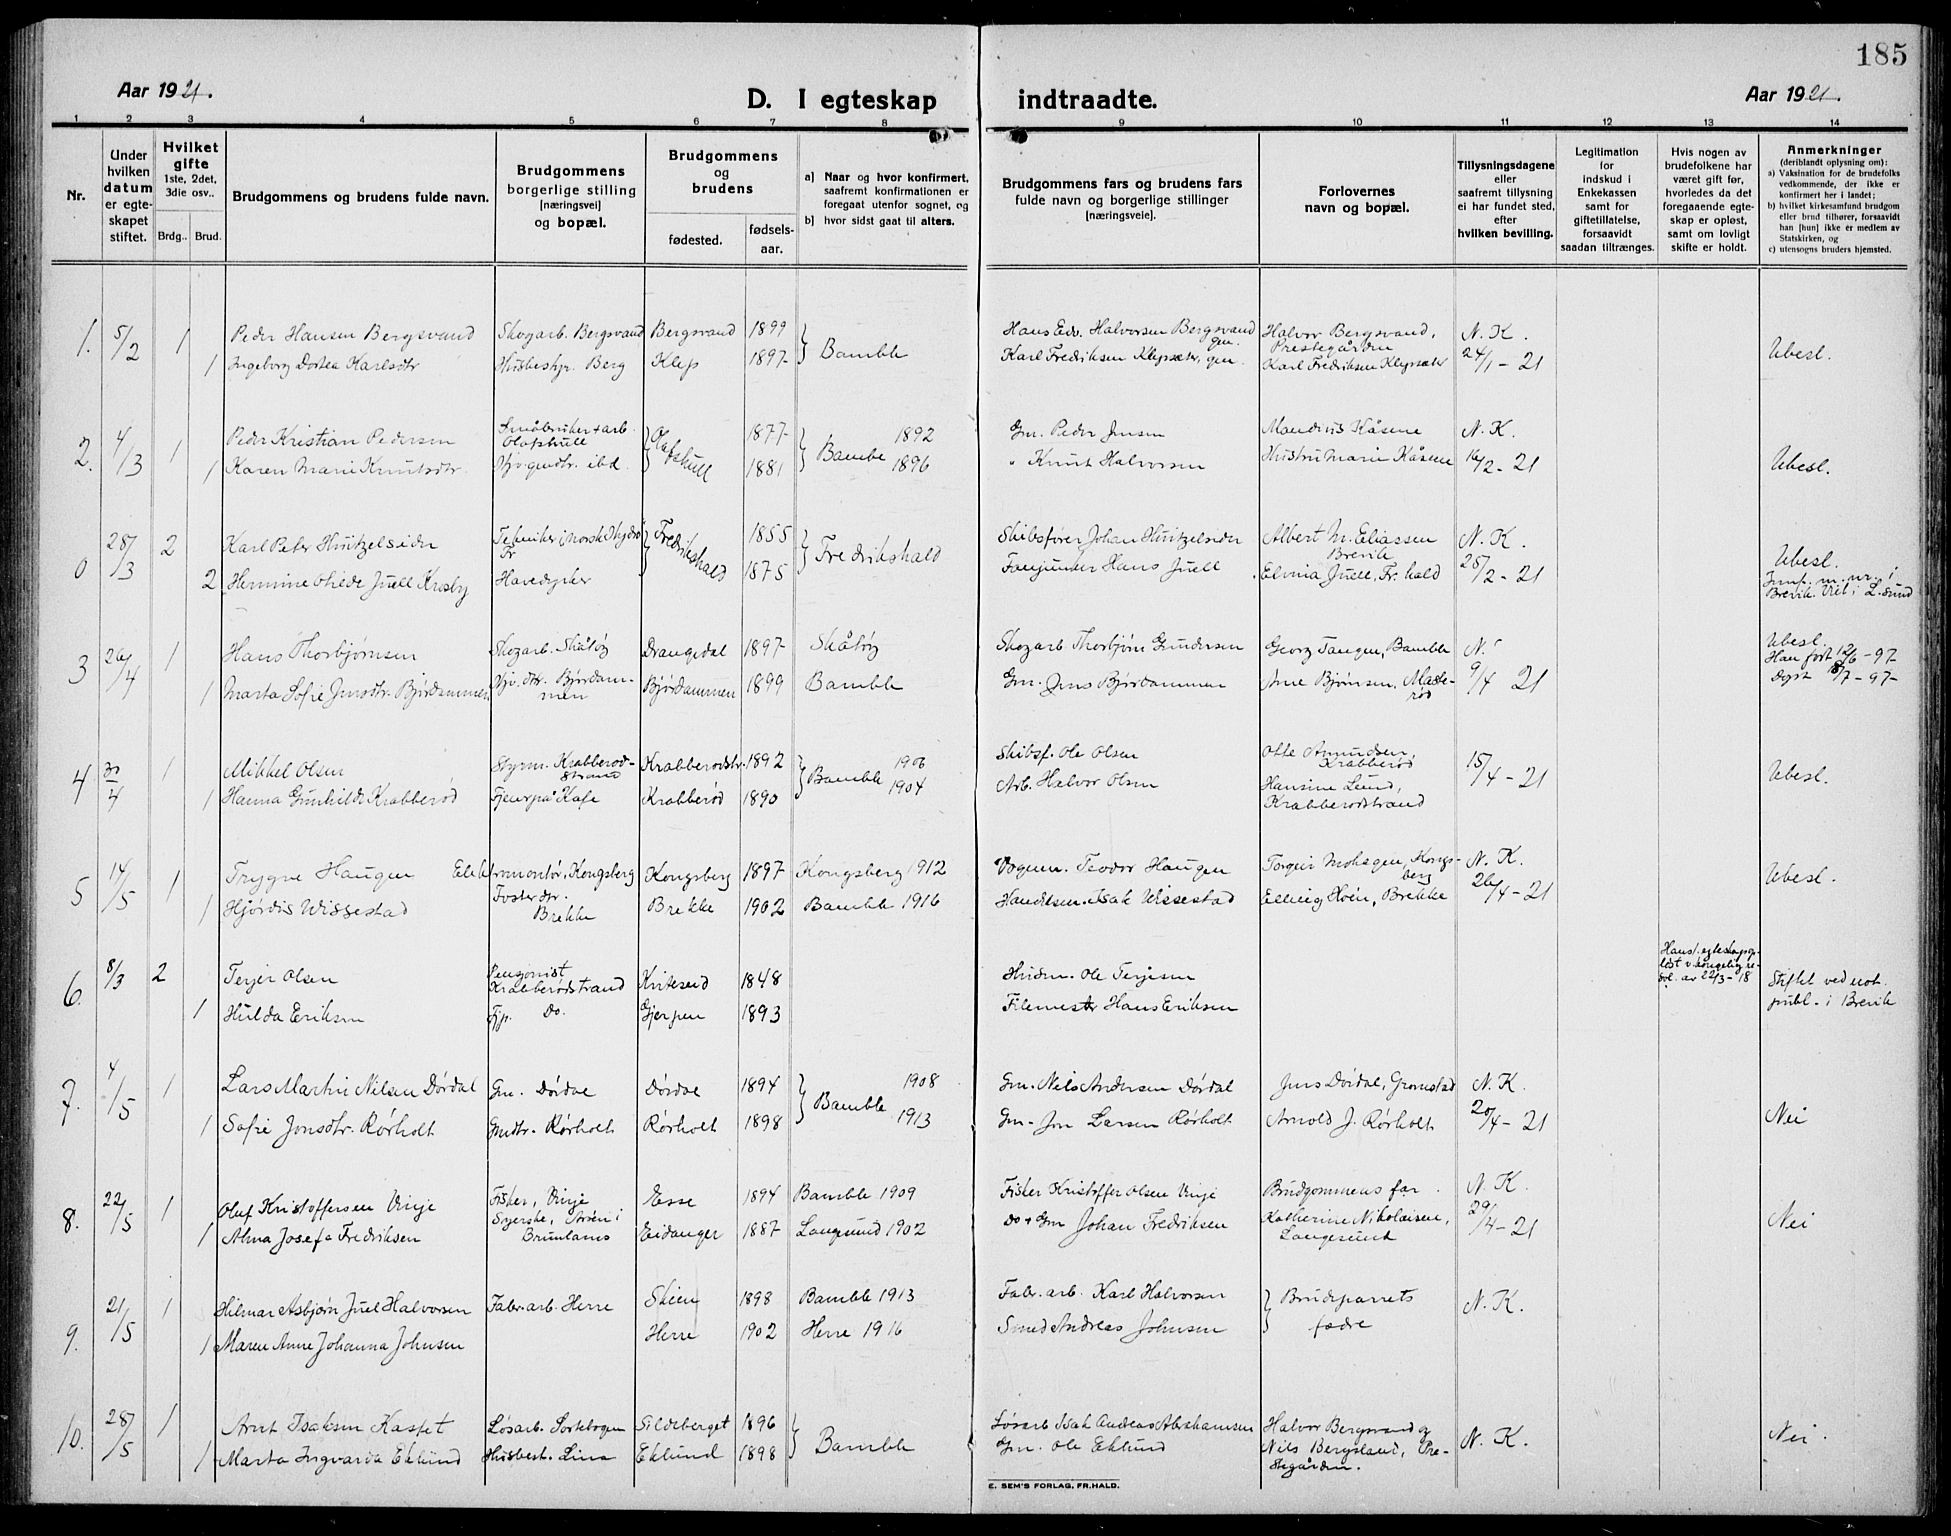 SAKO, Bamble kirkebøker, G/Ga/L0011: Klokkerbok nr. I 11, 1920-1935, s. 185